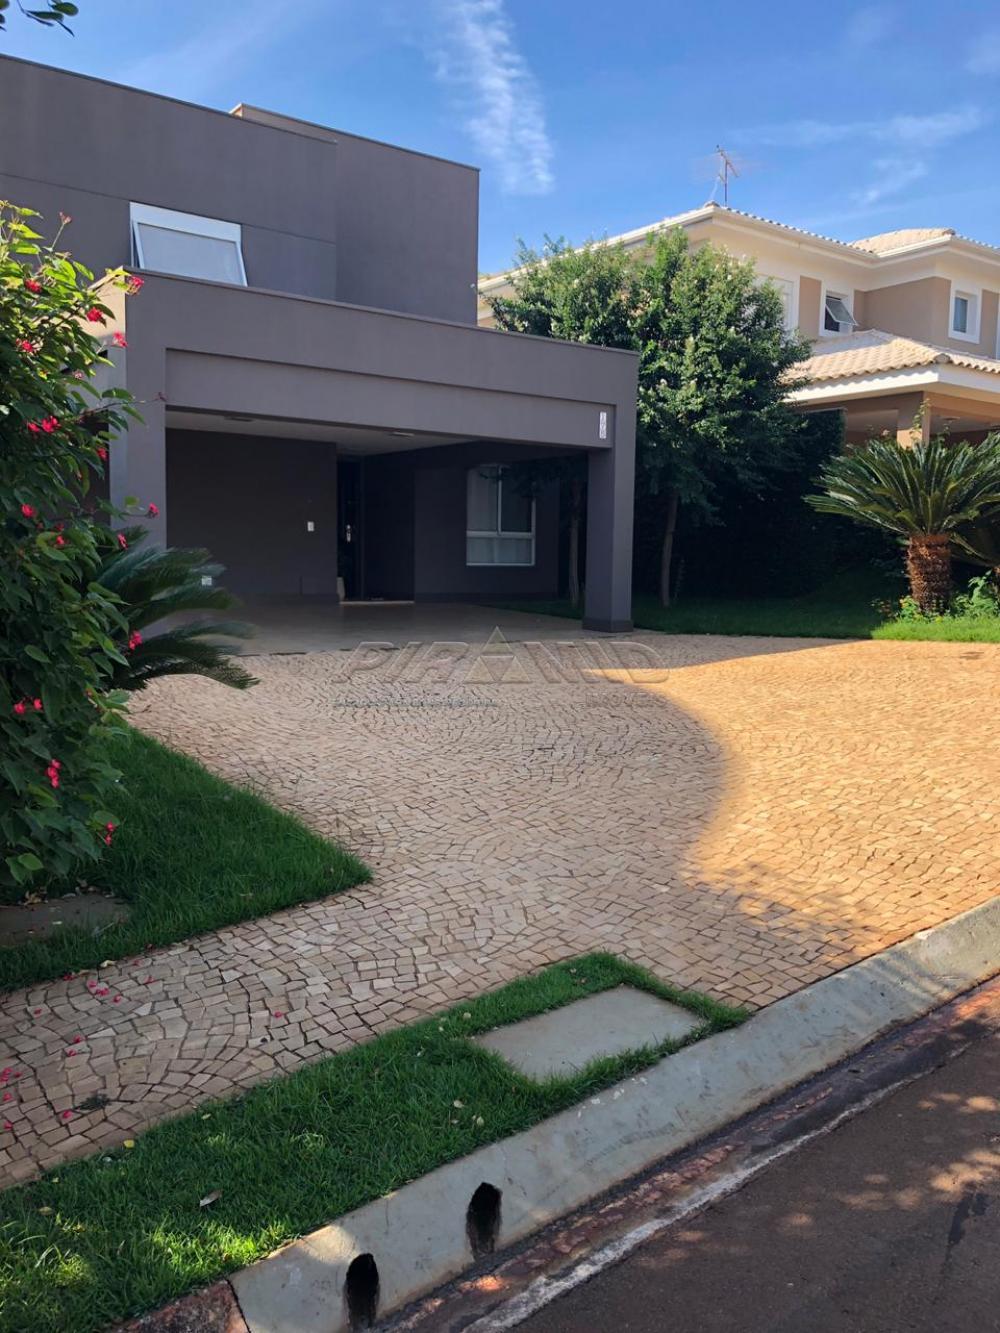 Comprar Casa / Condomínio em Ribeirão Preto apenas R$ 1.280.000,00 - Foto 1